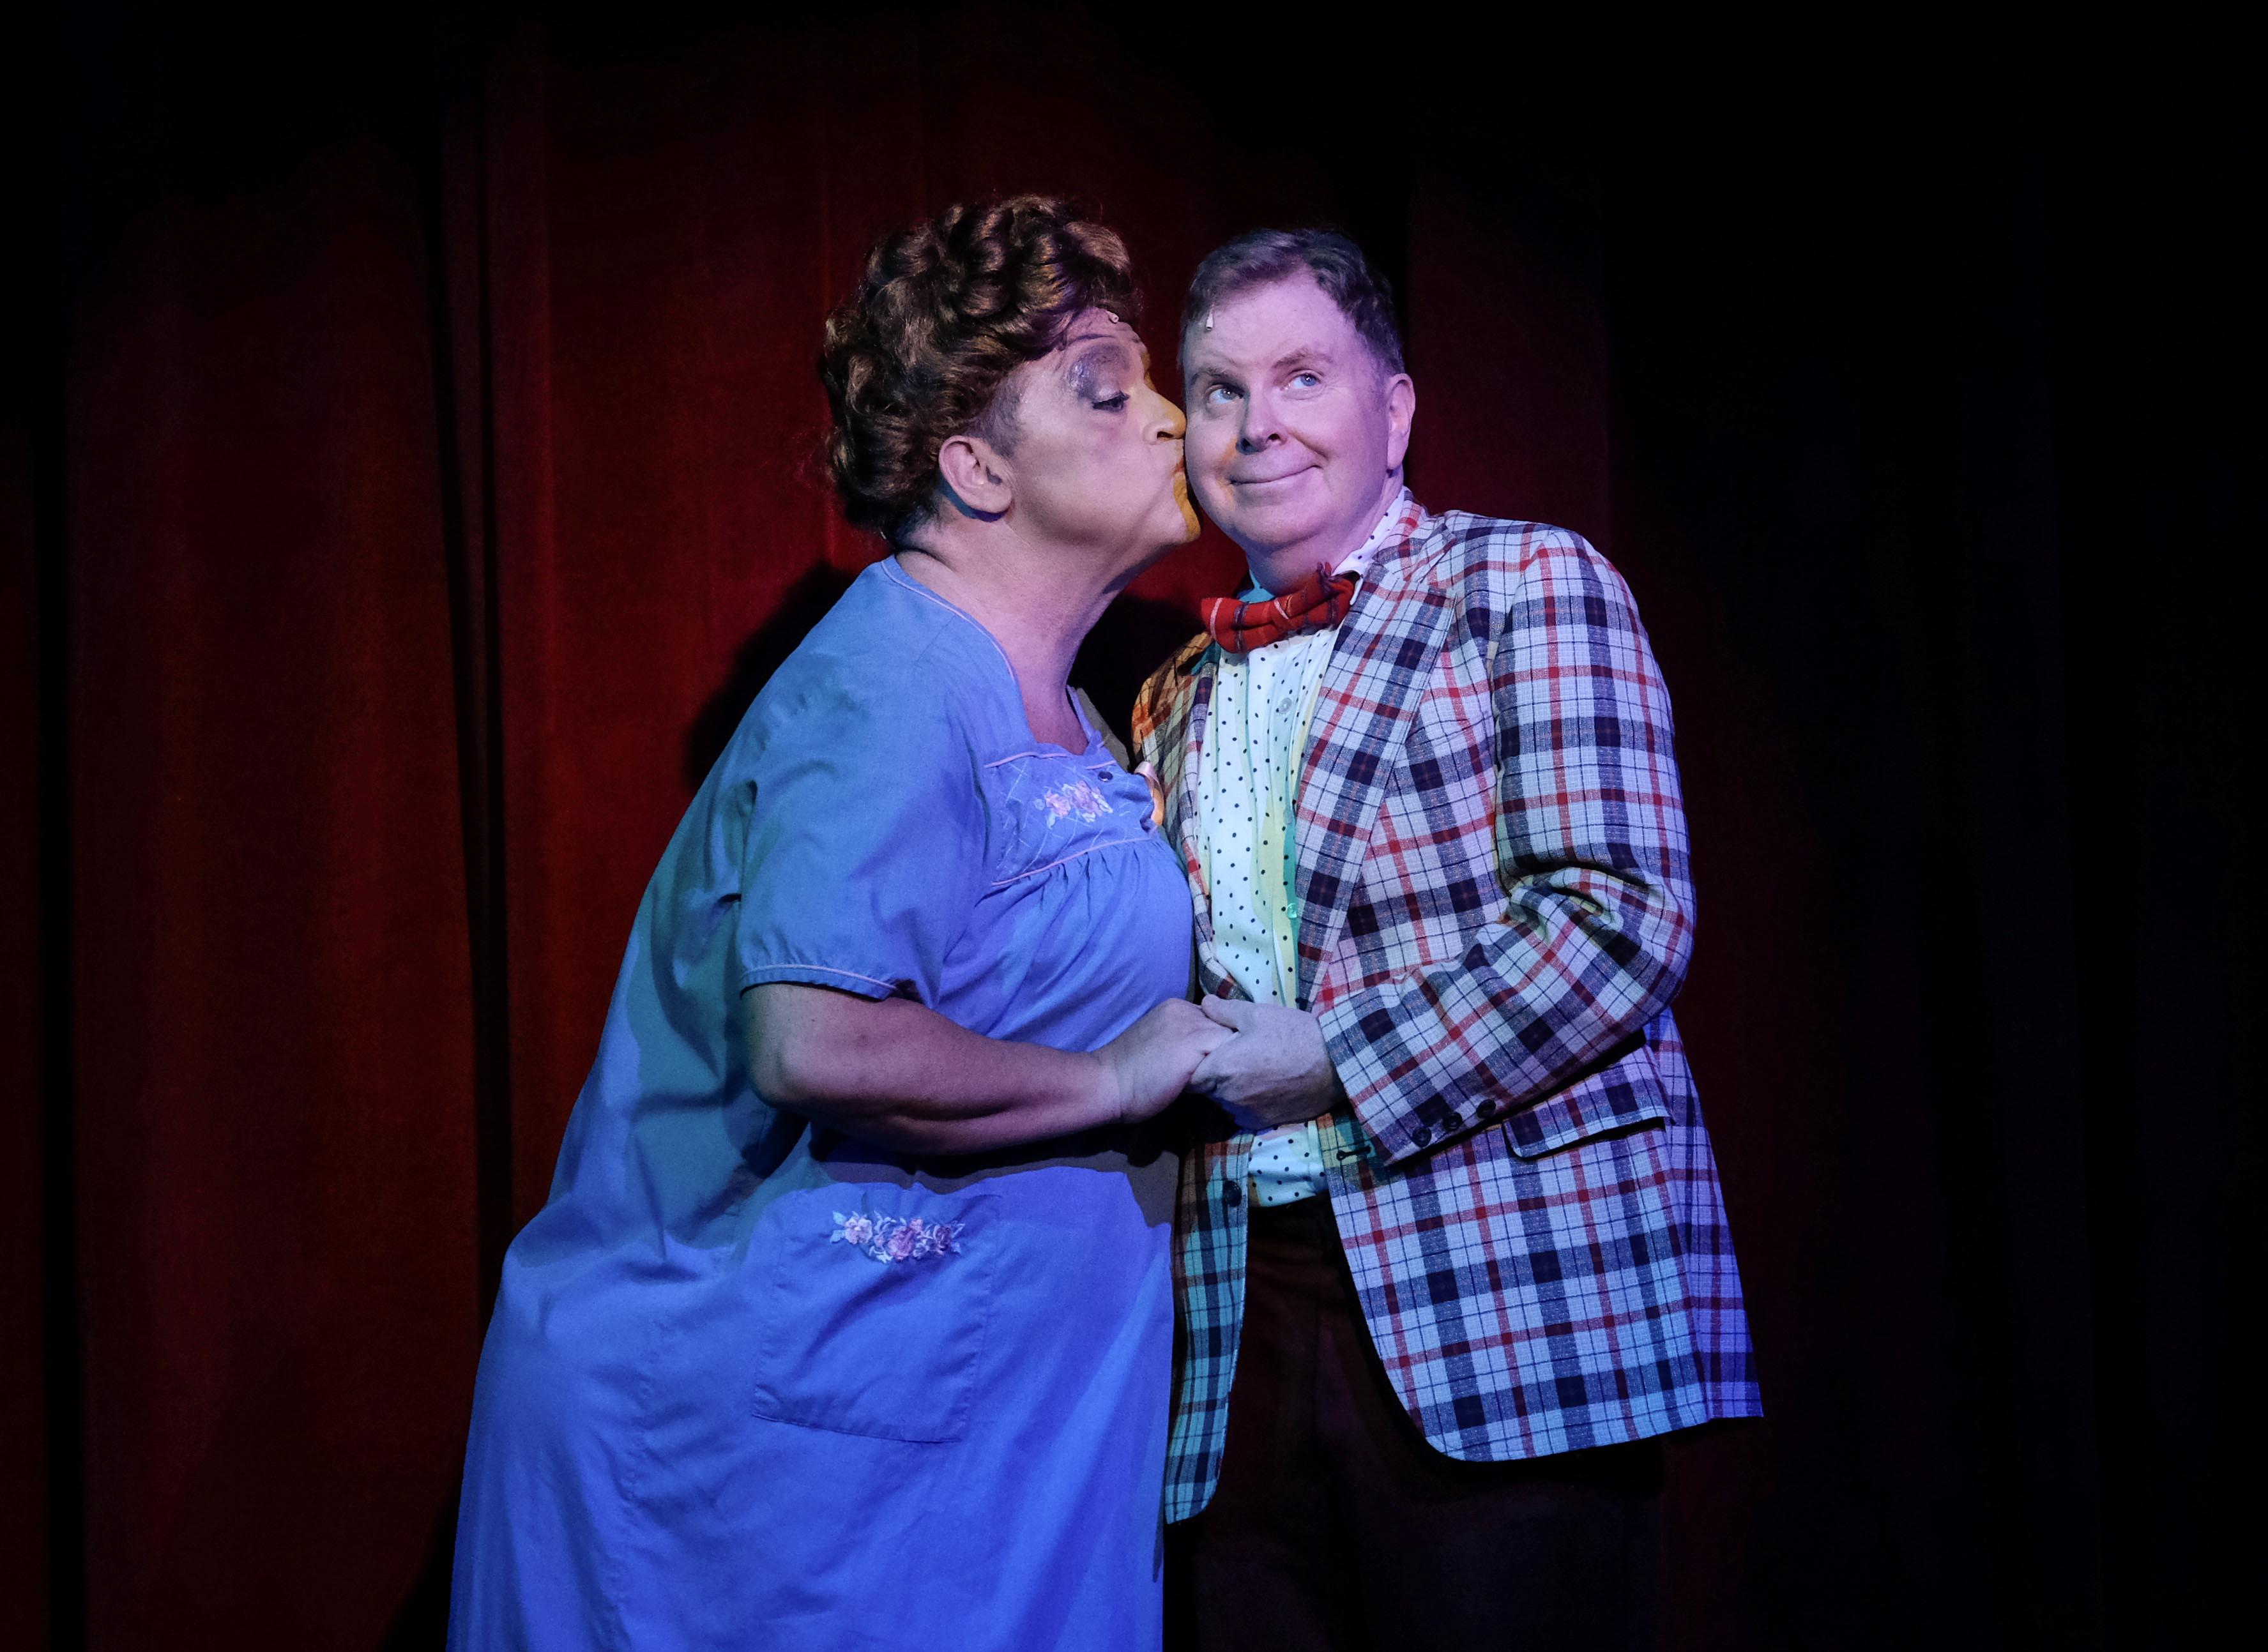 John Massey as Edna & Steve Gunderson as Wilbur